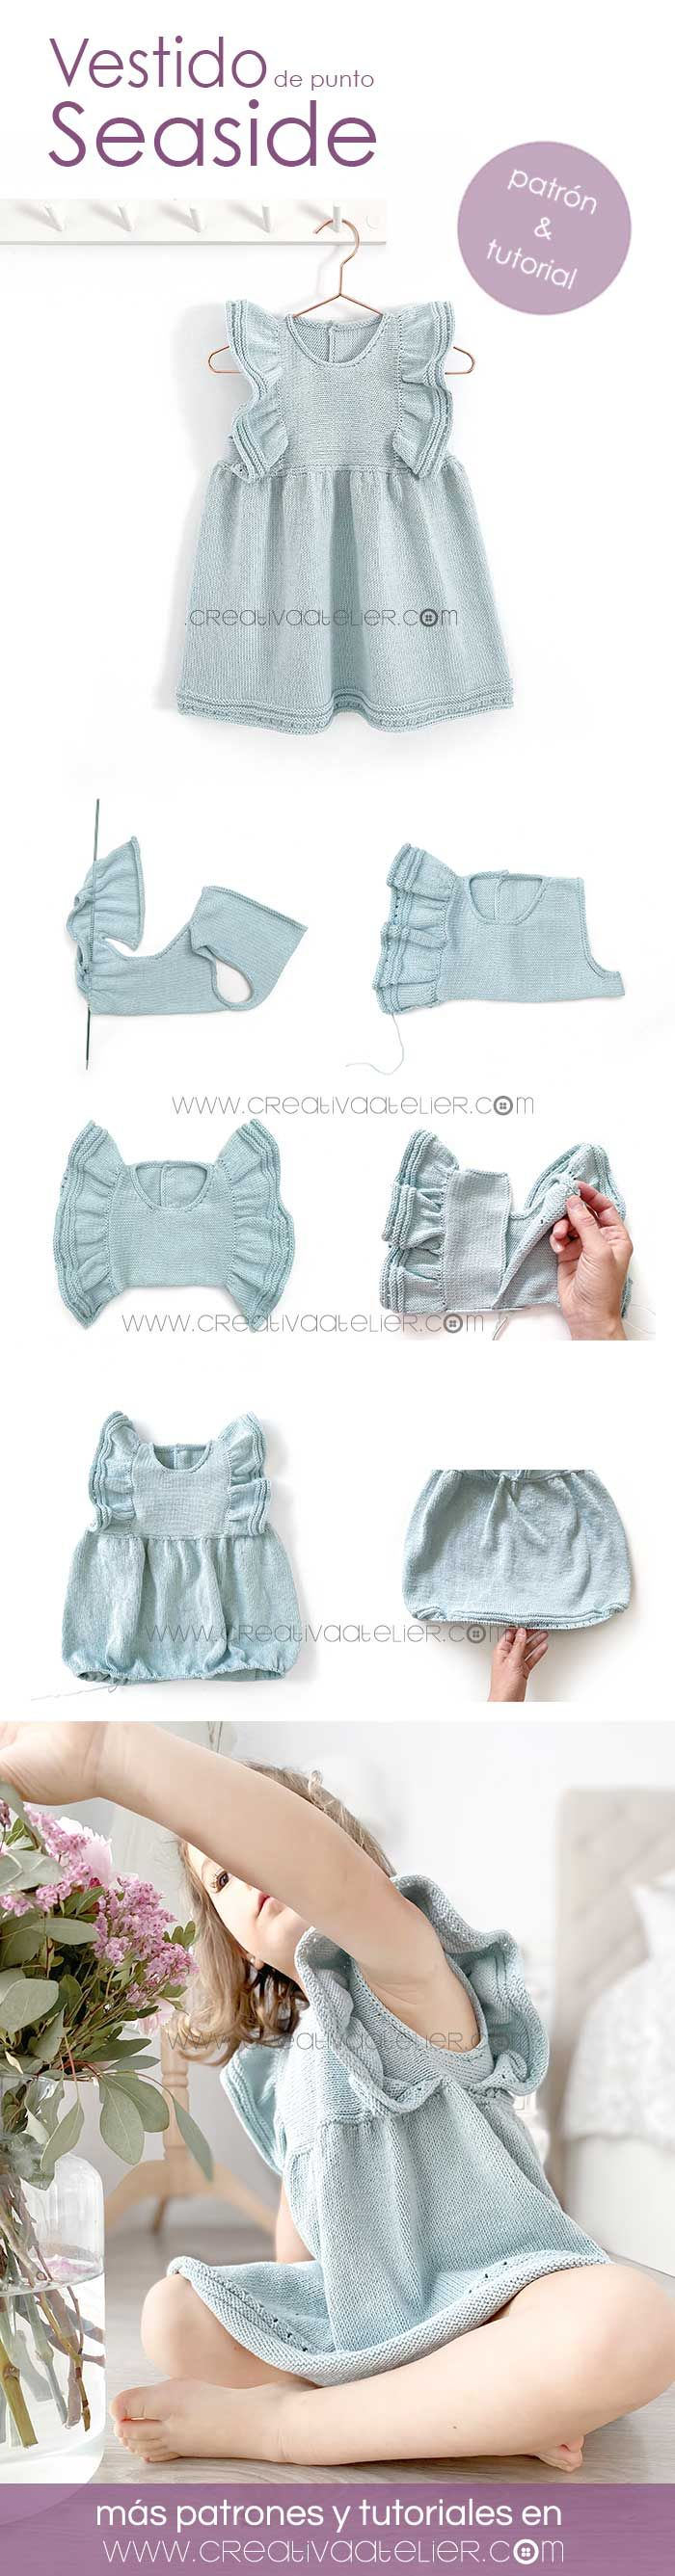 Vestido de Punto – SEASIDE DRESS- Patrón y Tutorial